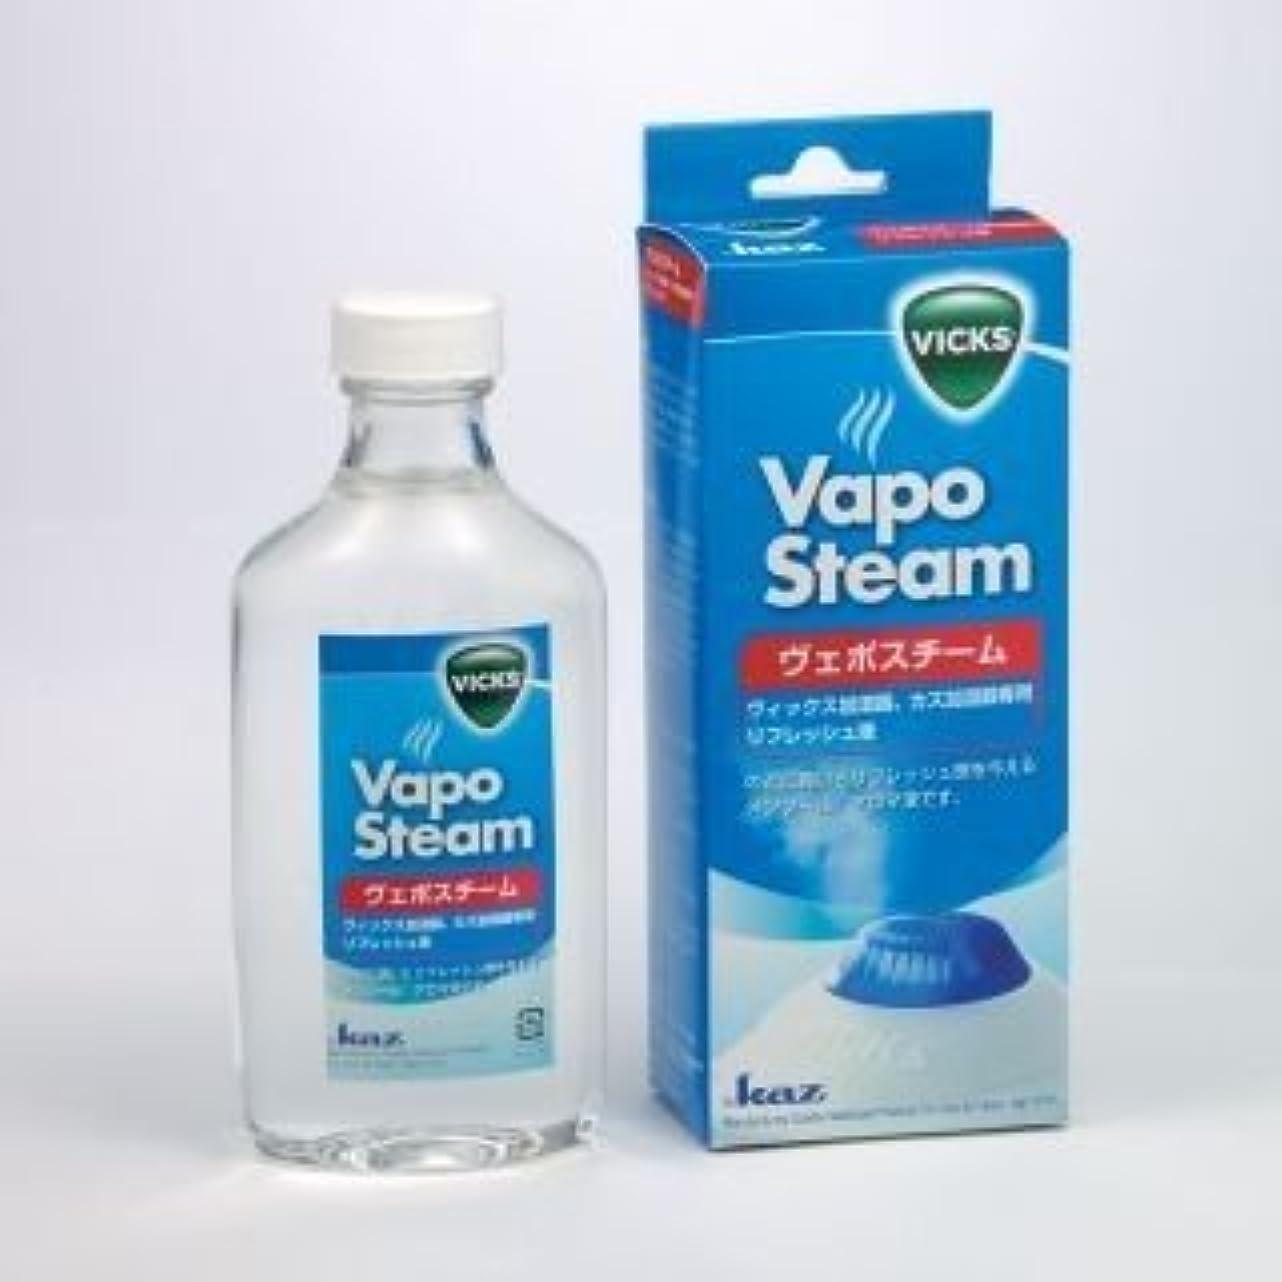 廃棄する過半数ウガンダ喉に潤いとリフレッシュ感を与えるアロマテラピー液!加湿器から噴出されるスチームとともにメンソール成分の入ったリフレッシュ液の香りが一緒に発散!【3個セット】